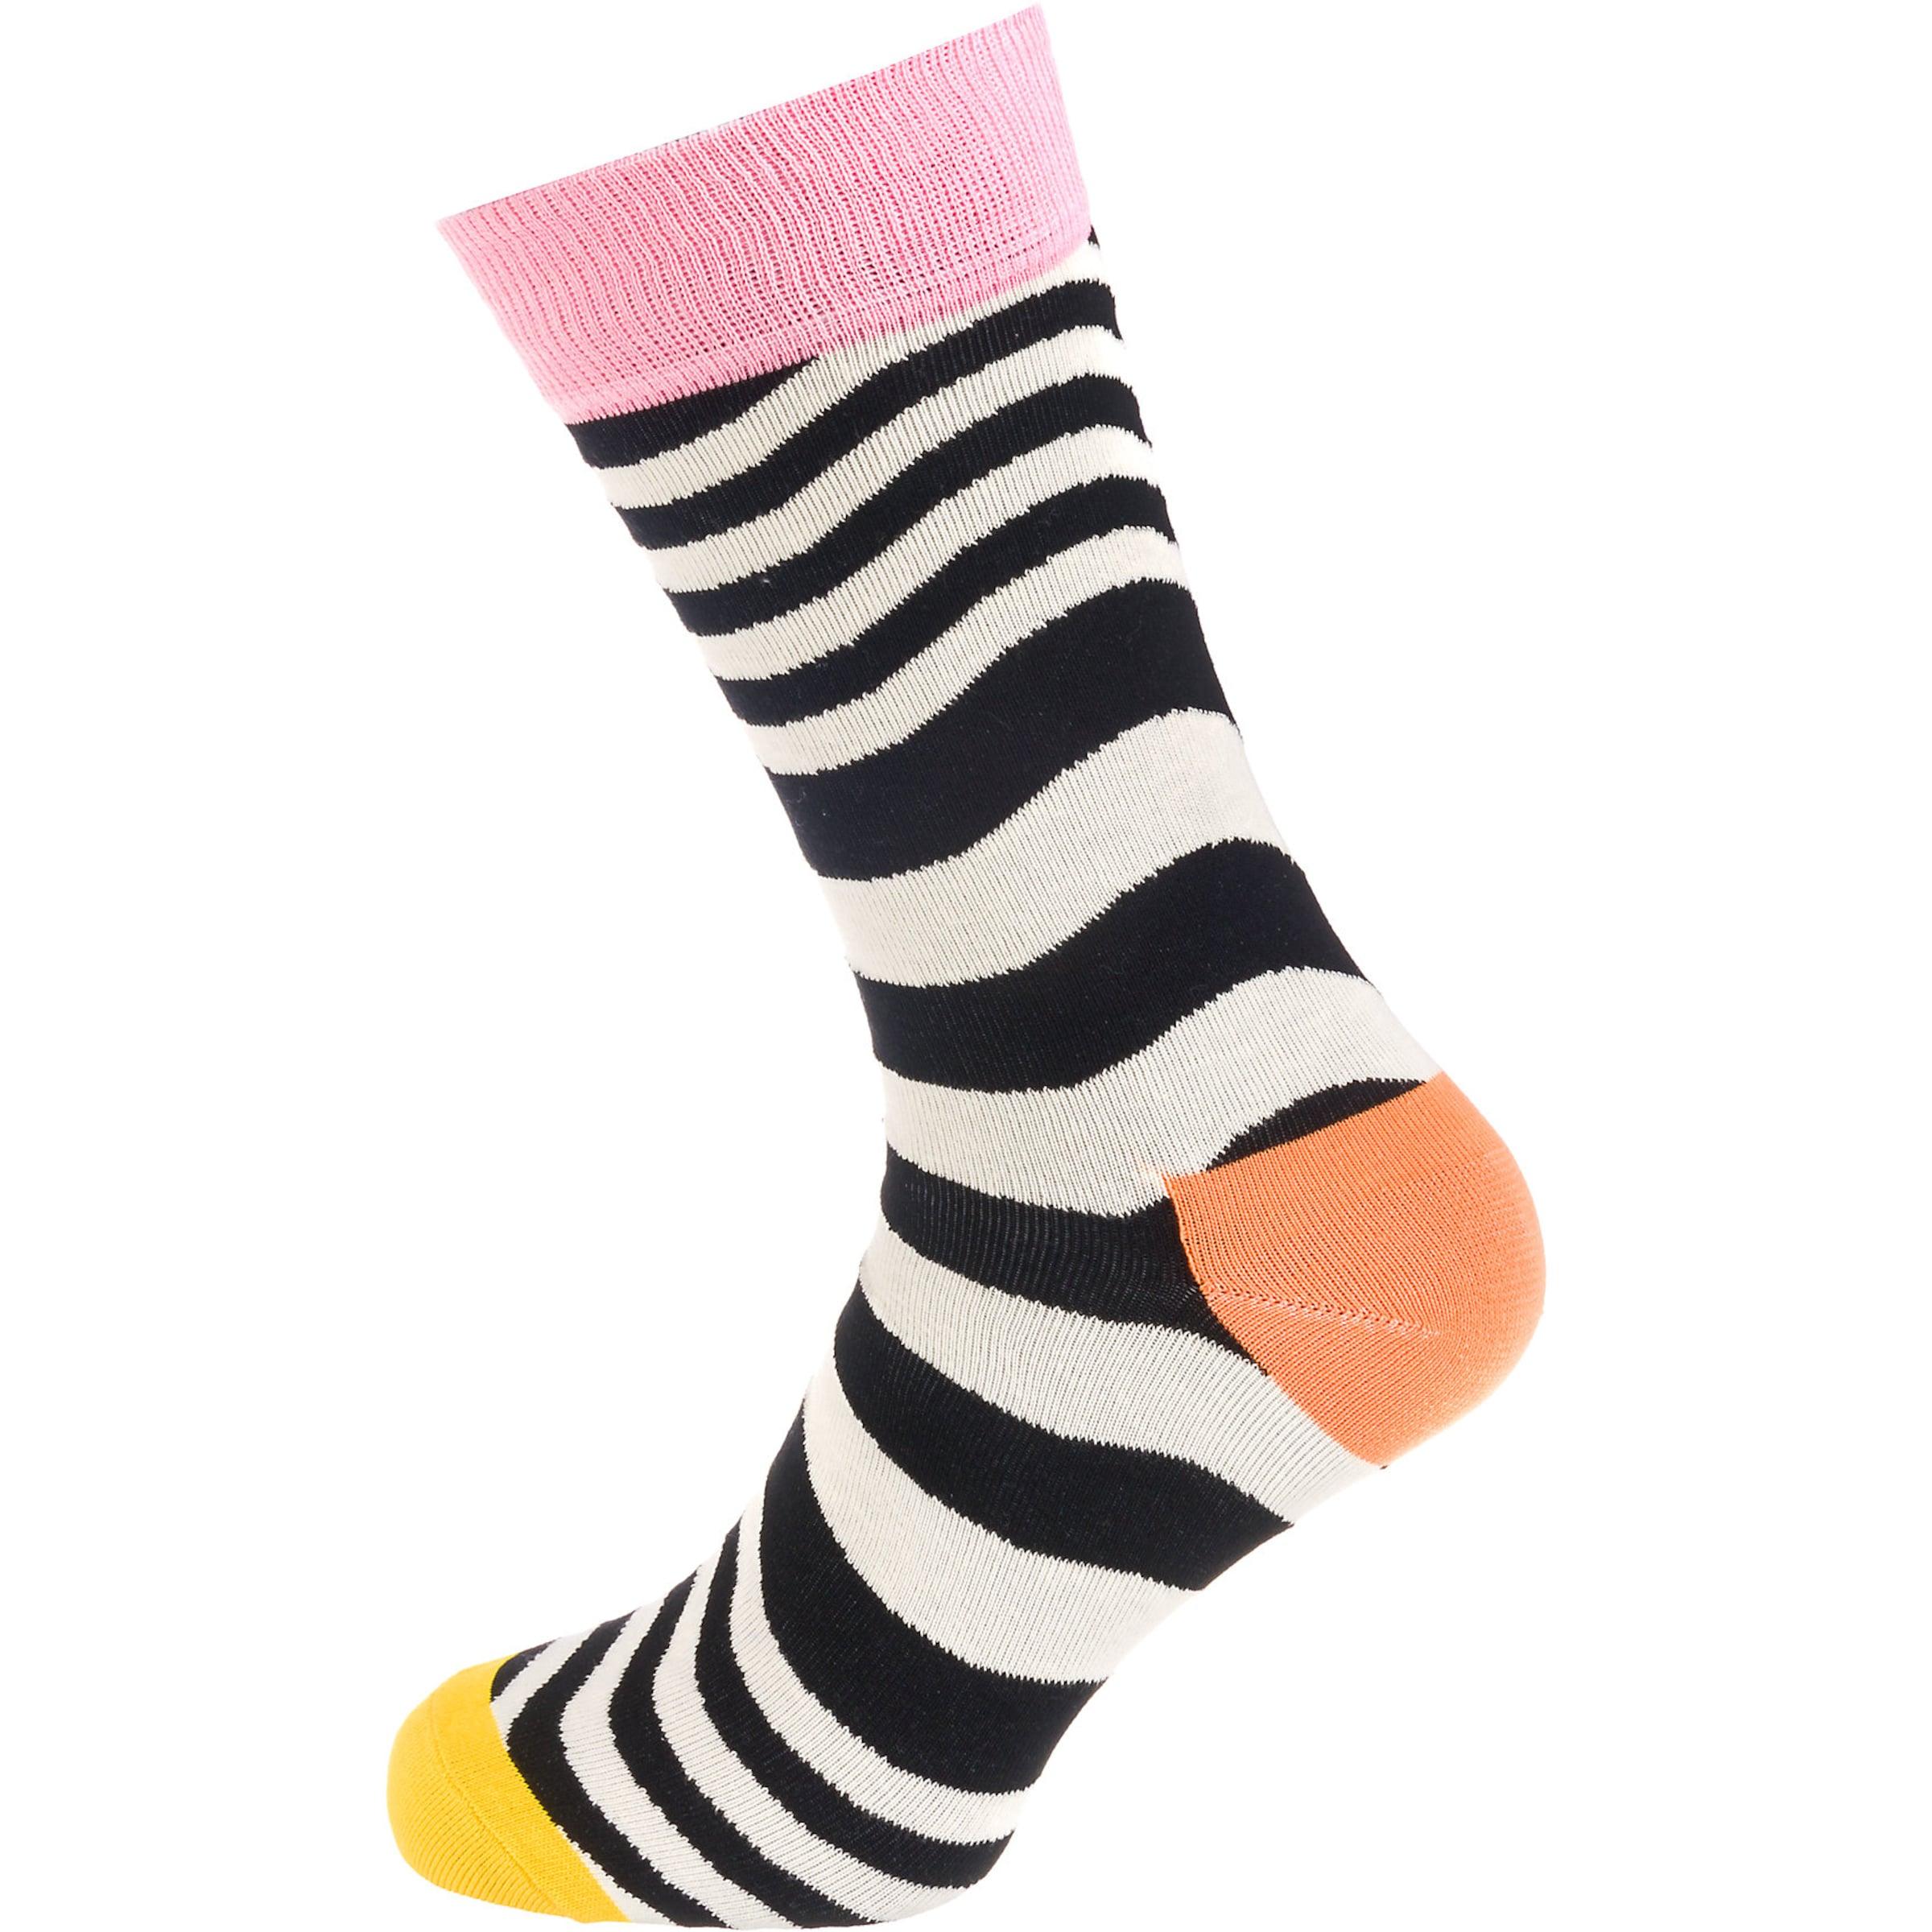 Auslass 2018 Neu Auslassstellen Verkauf Online Happy Socks ein Paar Socken i8fXzhmVZ